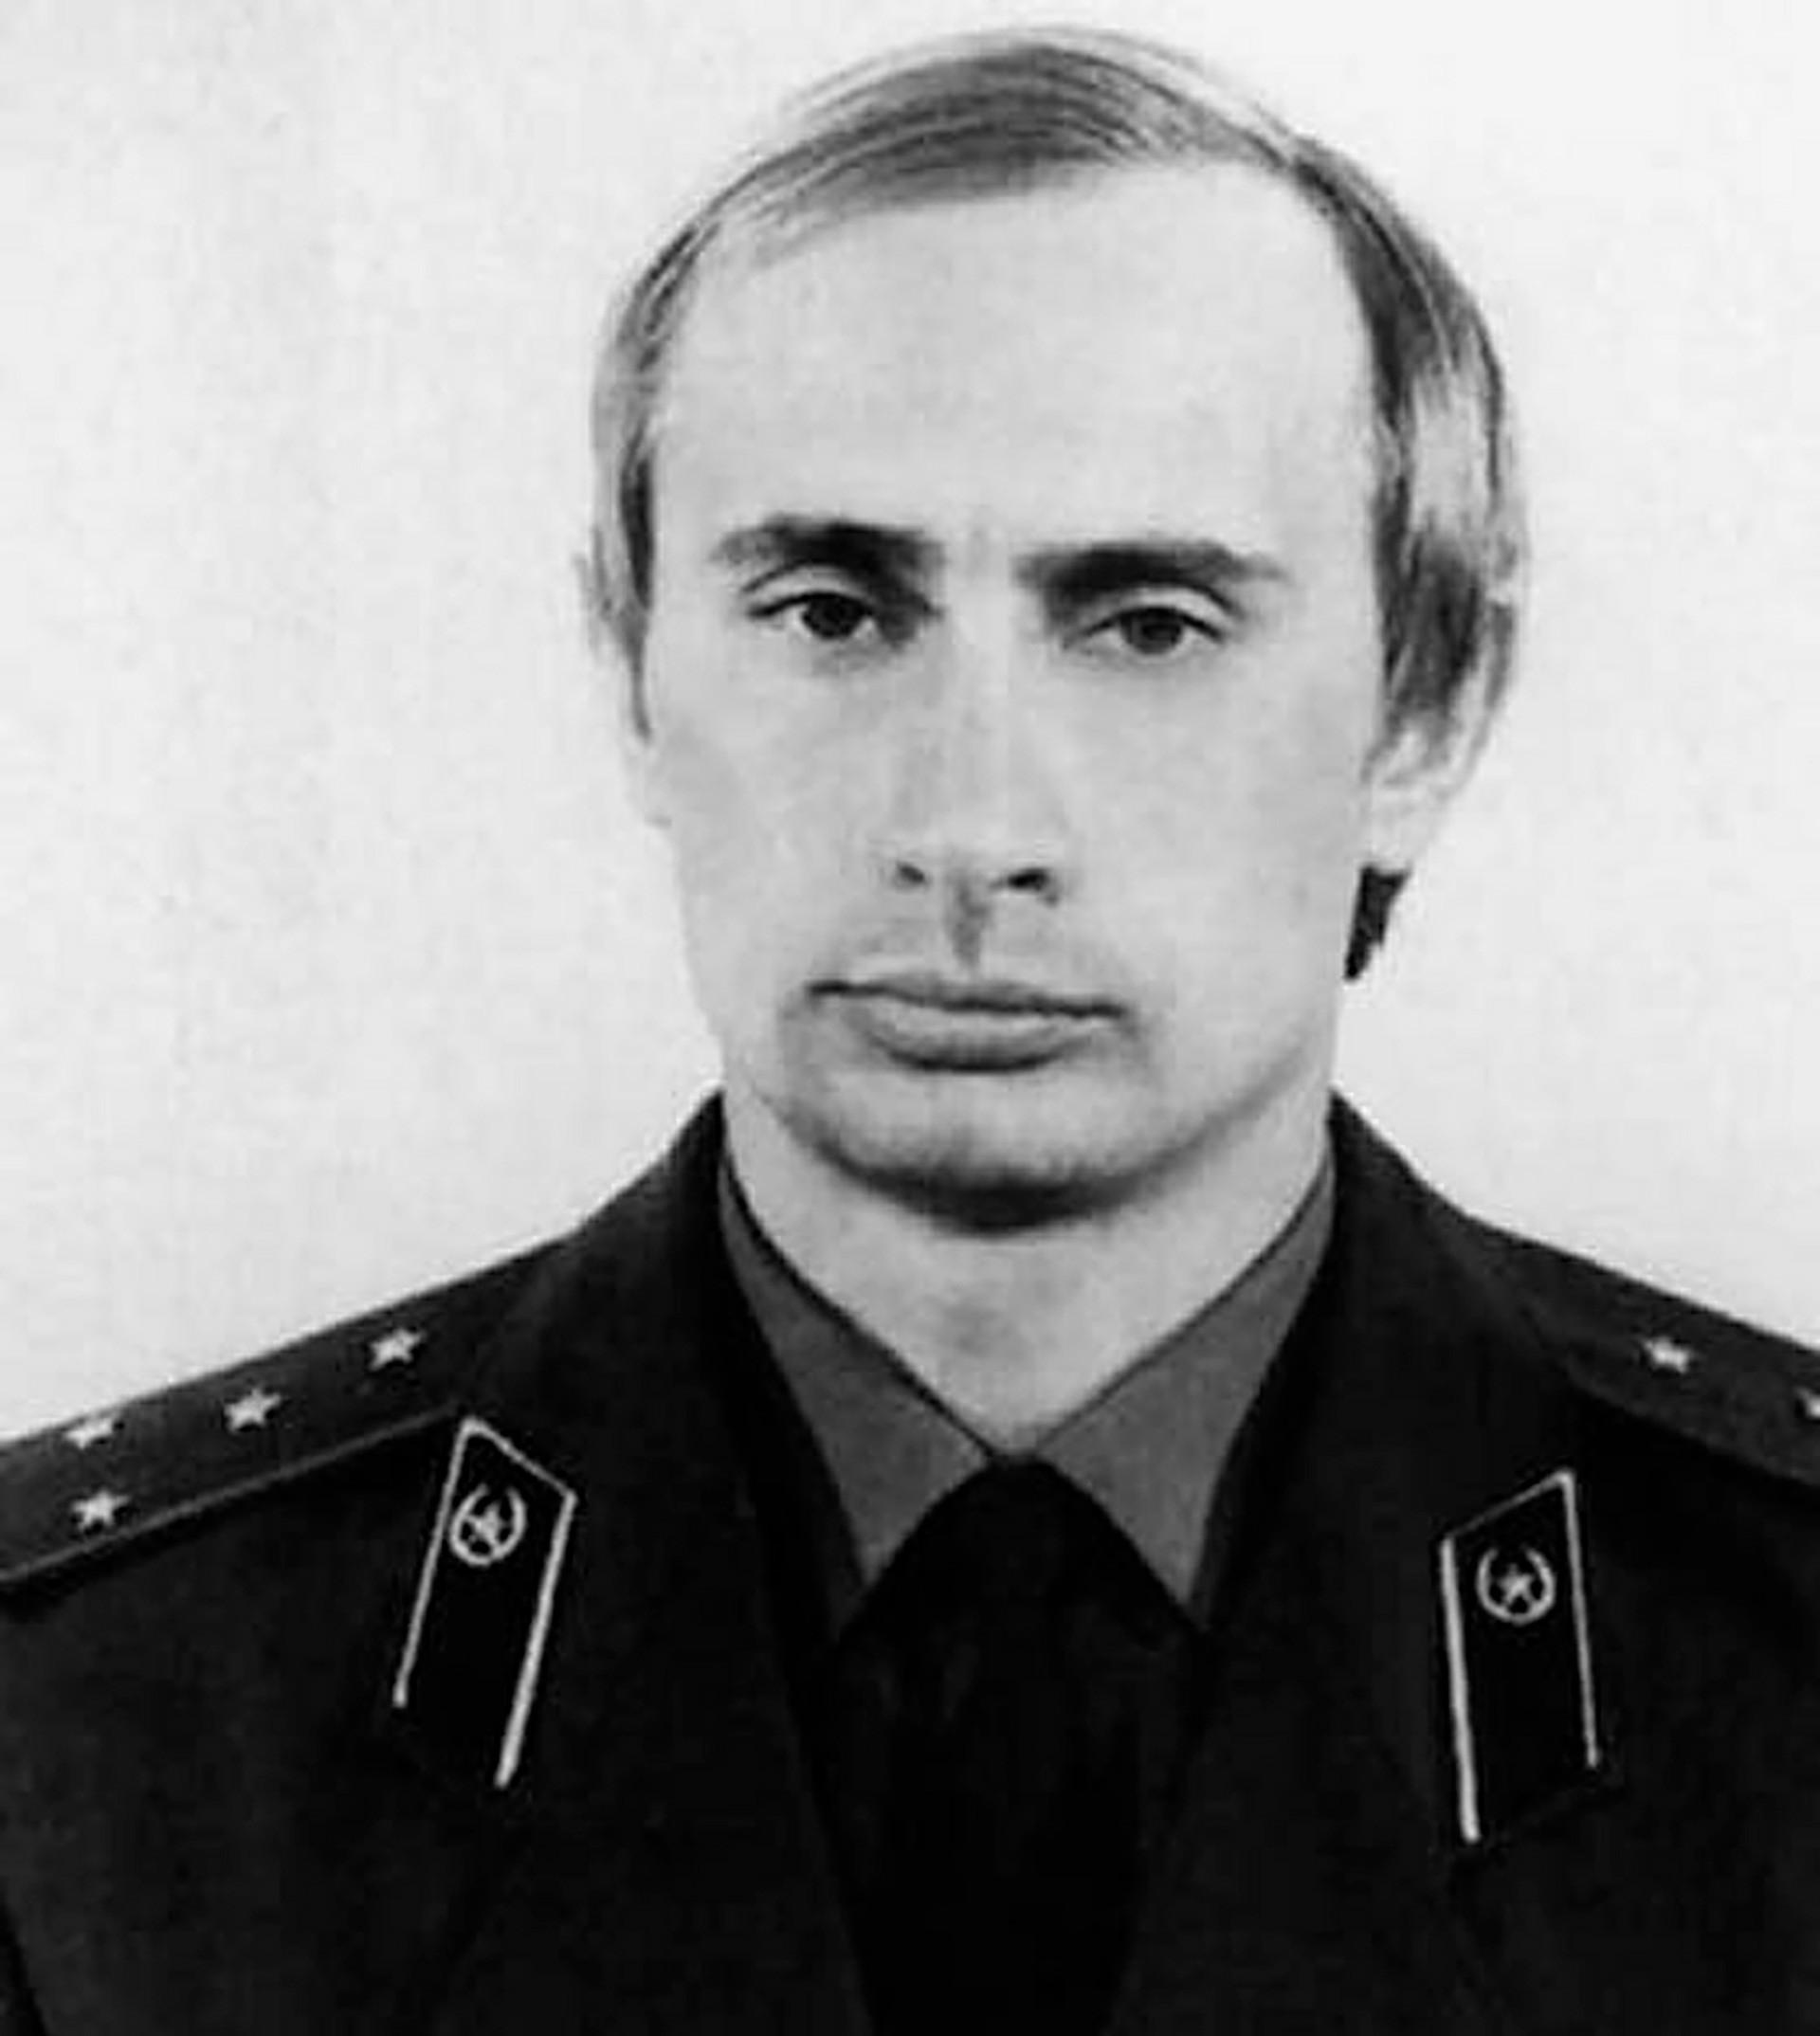 Путин вo униформа на КГБ, 1980 г.